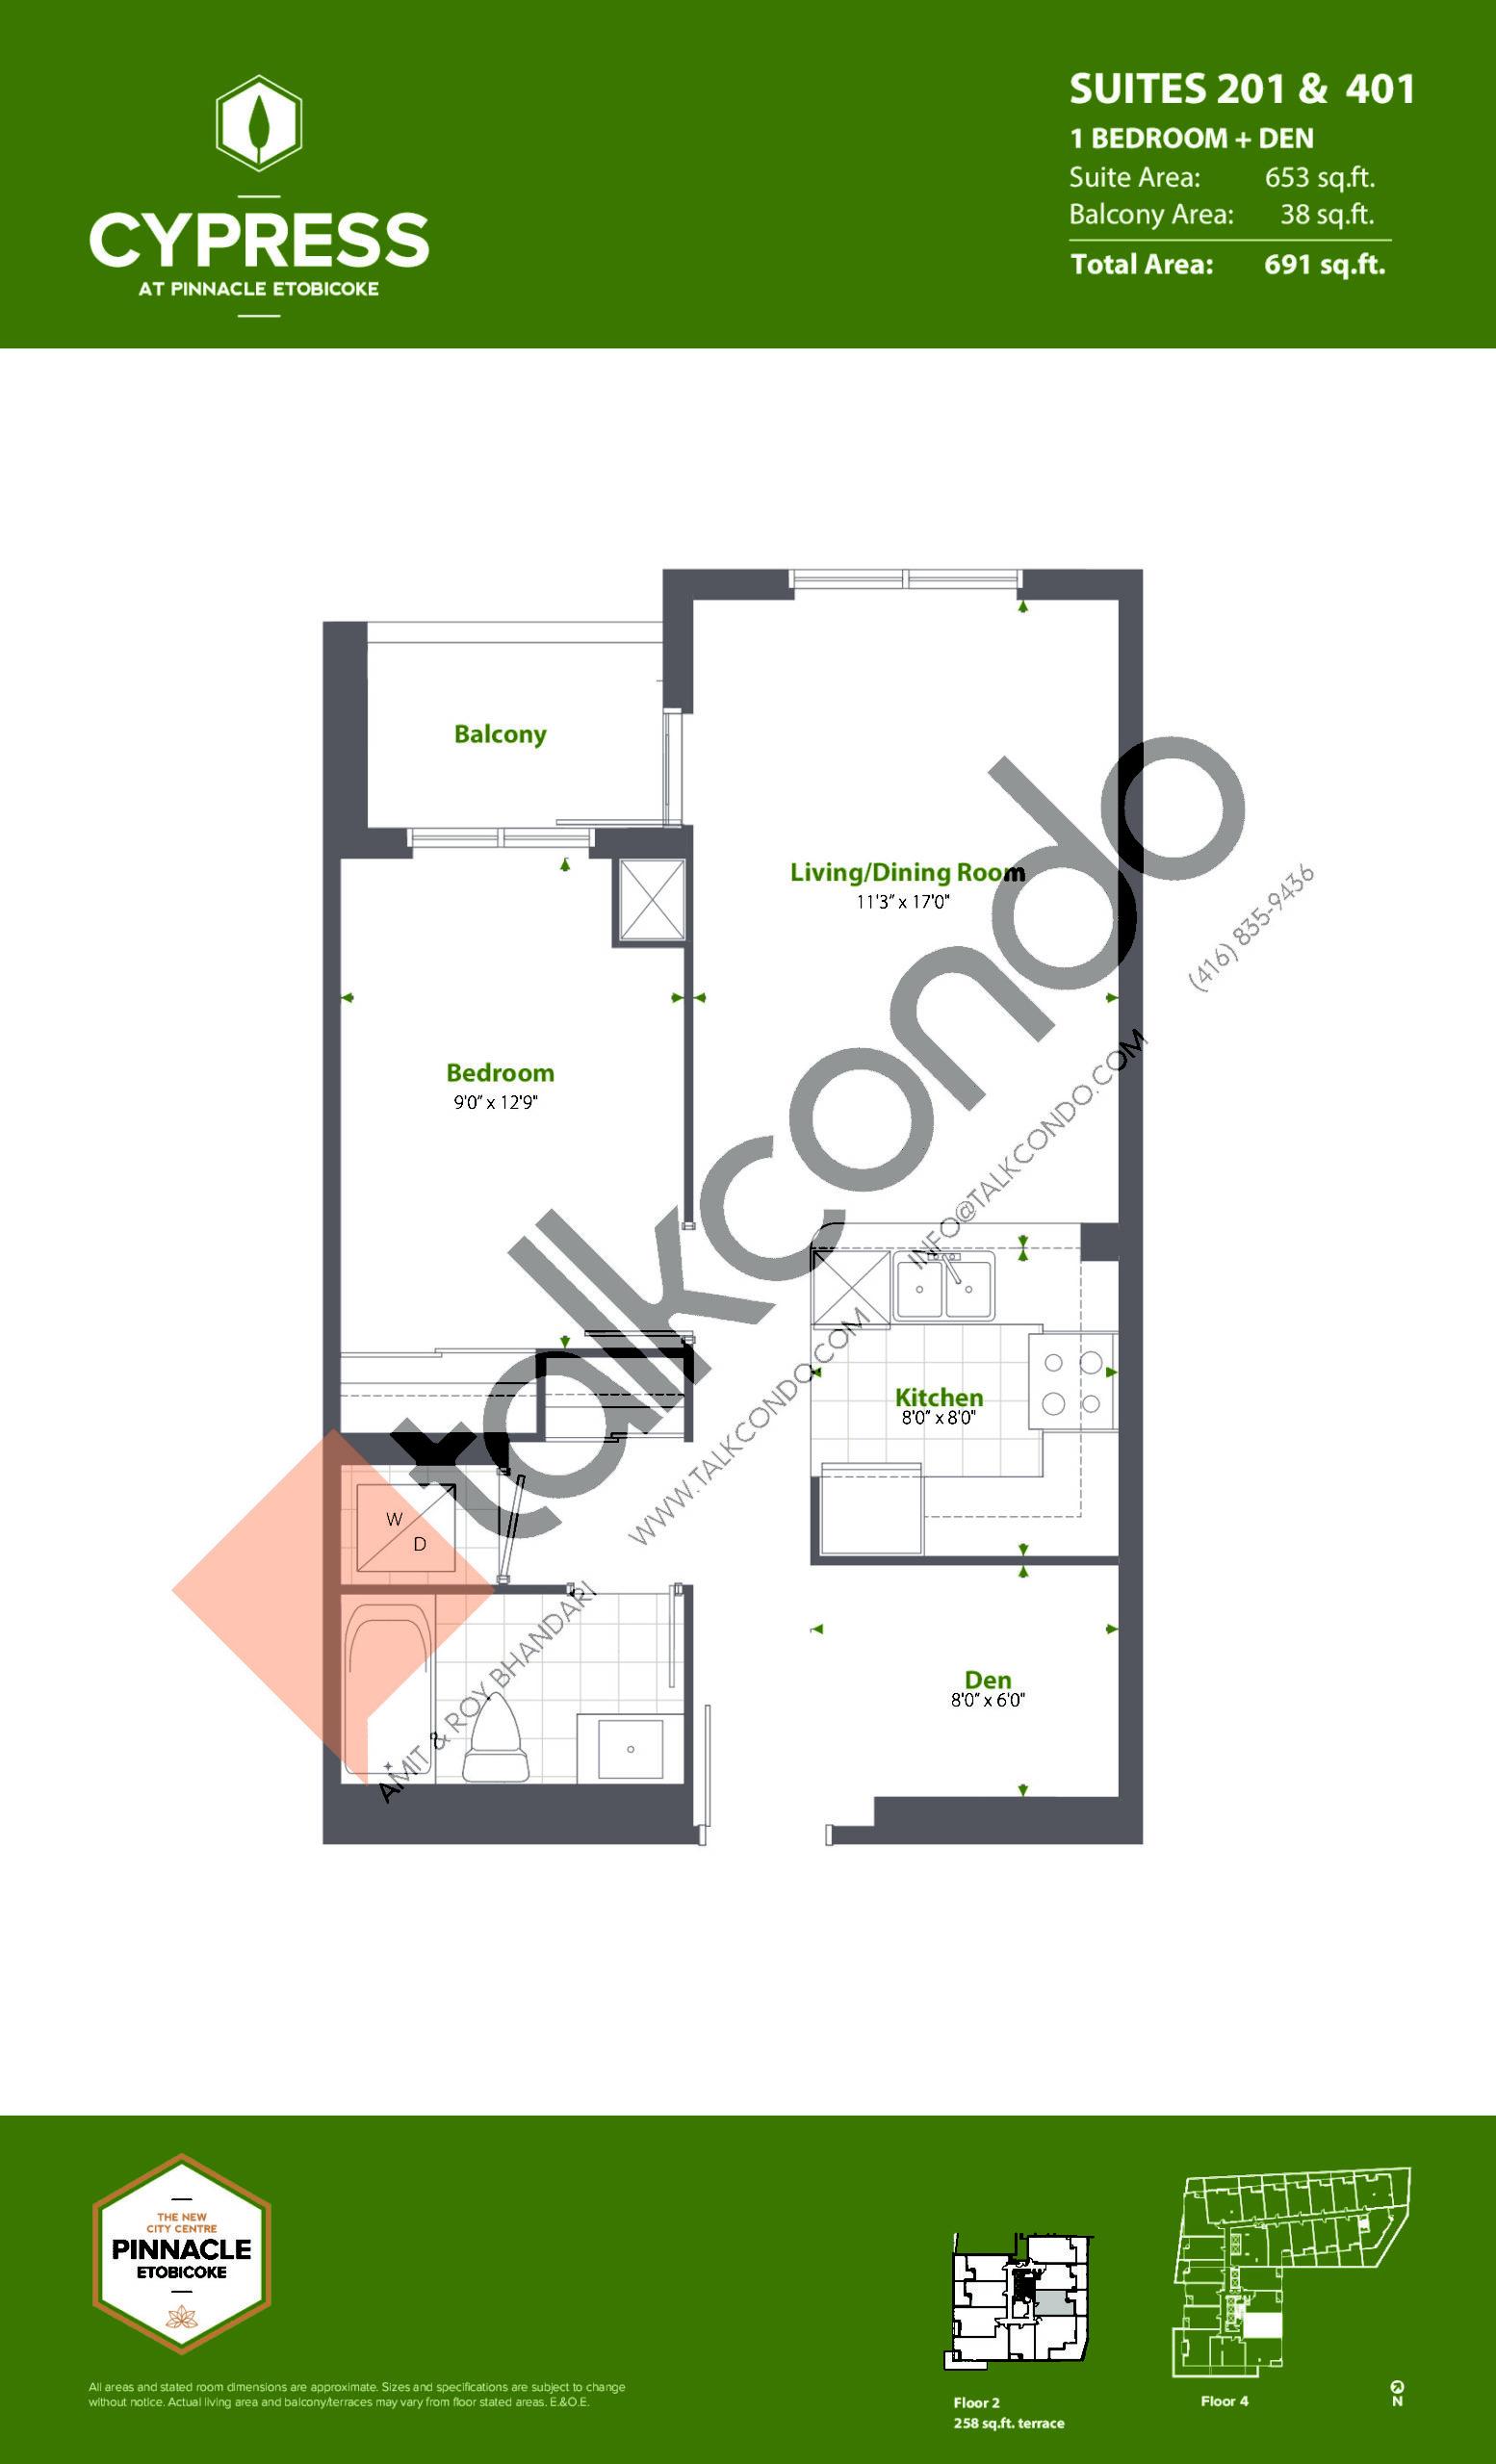 Suites 201 & 401 (Podium) Floor Plan at Cypress at Pinnacle Etobicoke - 653 sq.ft